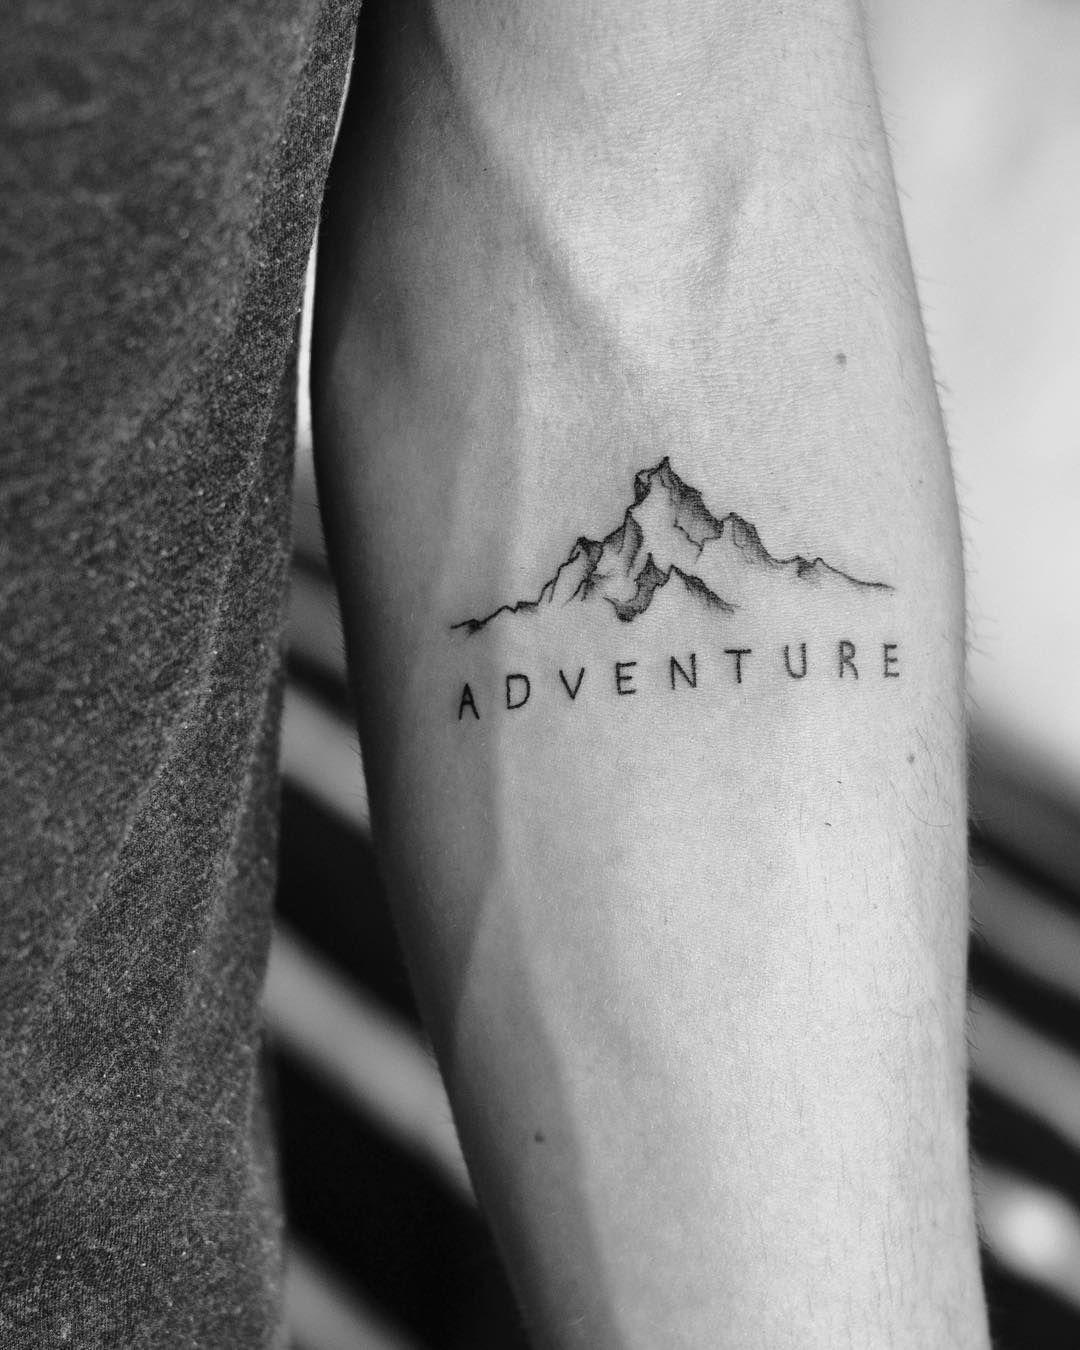 """Photo of Soniagarciamat on Instagram: """"_____________________________ #tattoo #tattooartist #tattoostyle #ink #inked #inktattoo #worldoftattoo #tattooman #tattoogirl #tattooist…"""""""